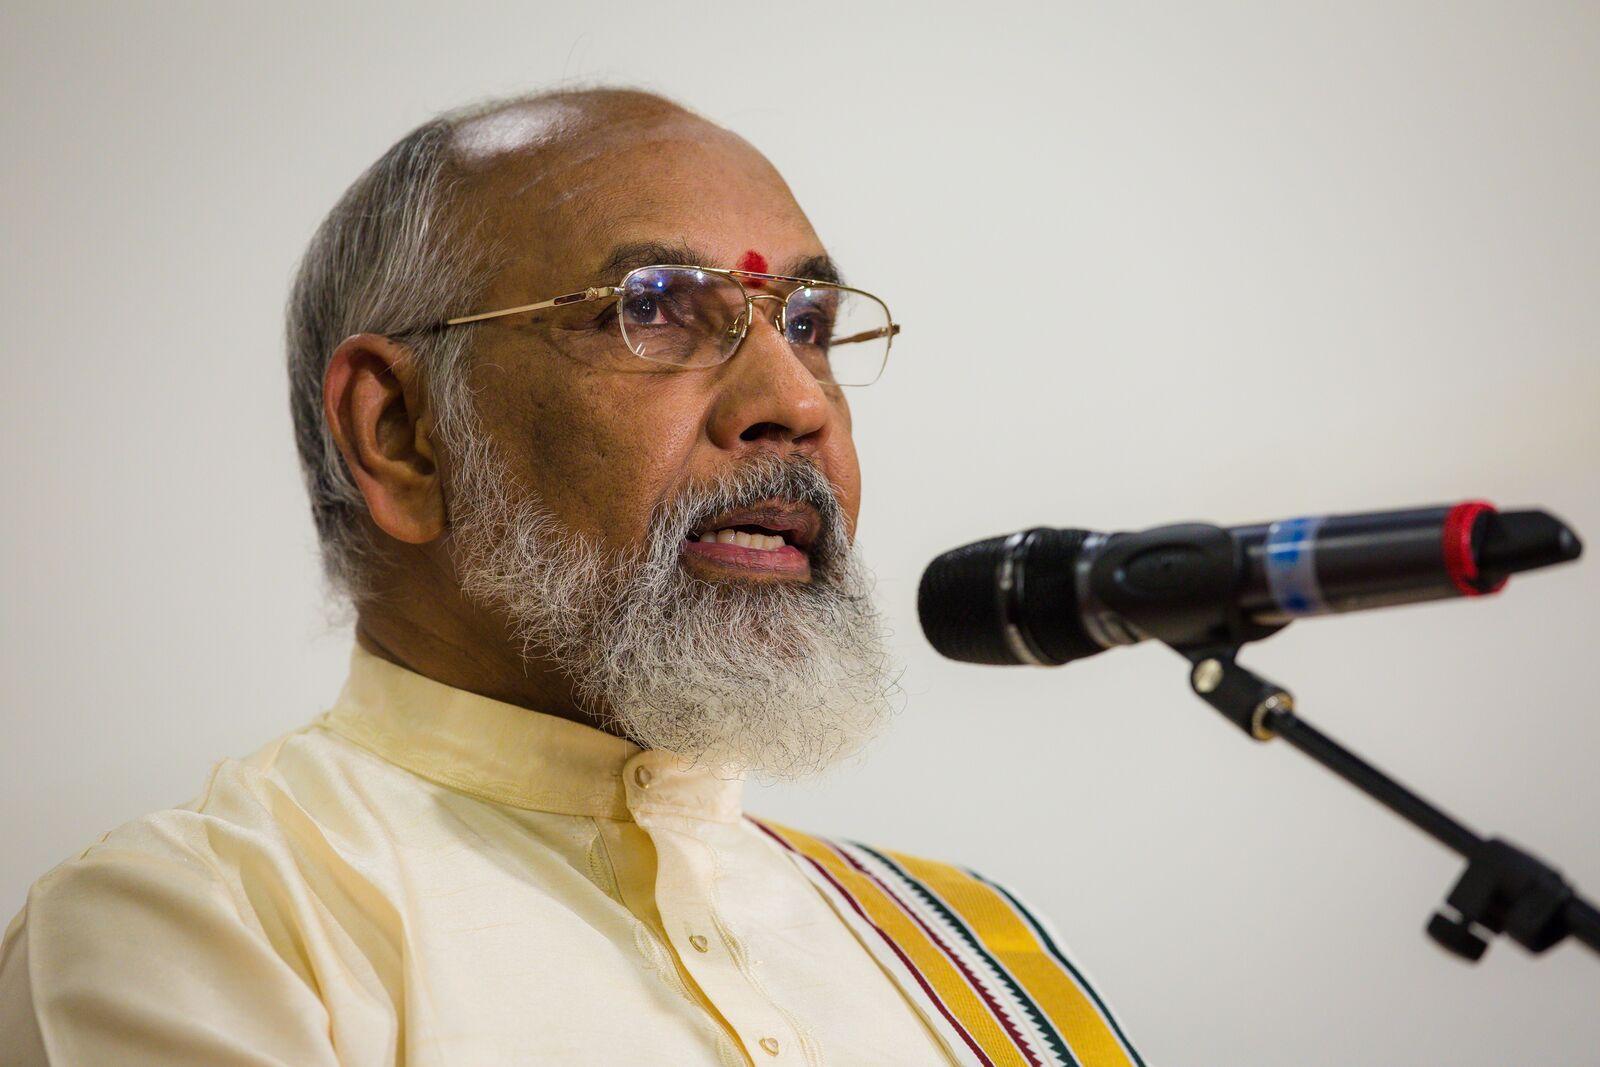 நீதியரசர் சி.வி.விக்னேஸ்வரன் ஆற்றிய சிறப்புரை